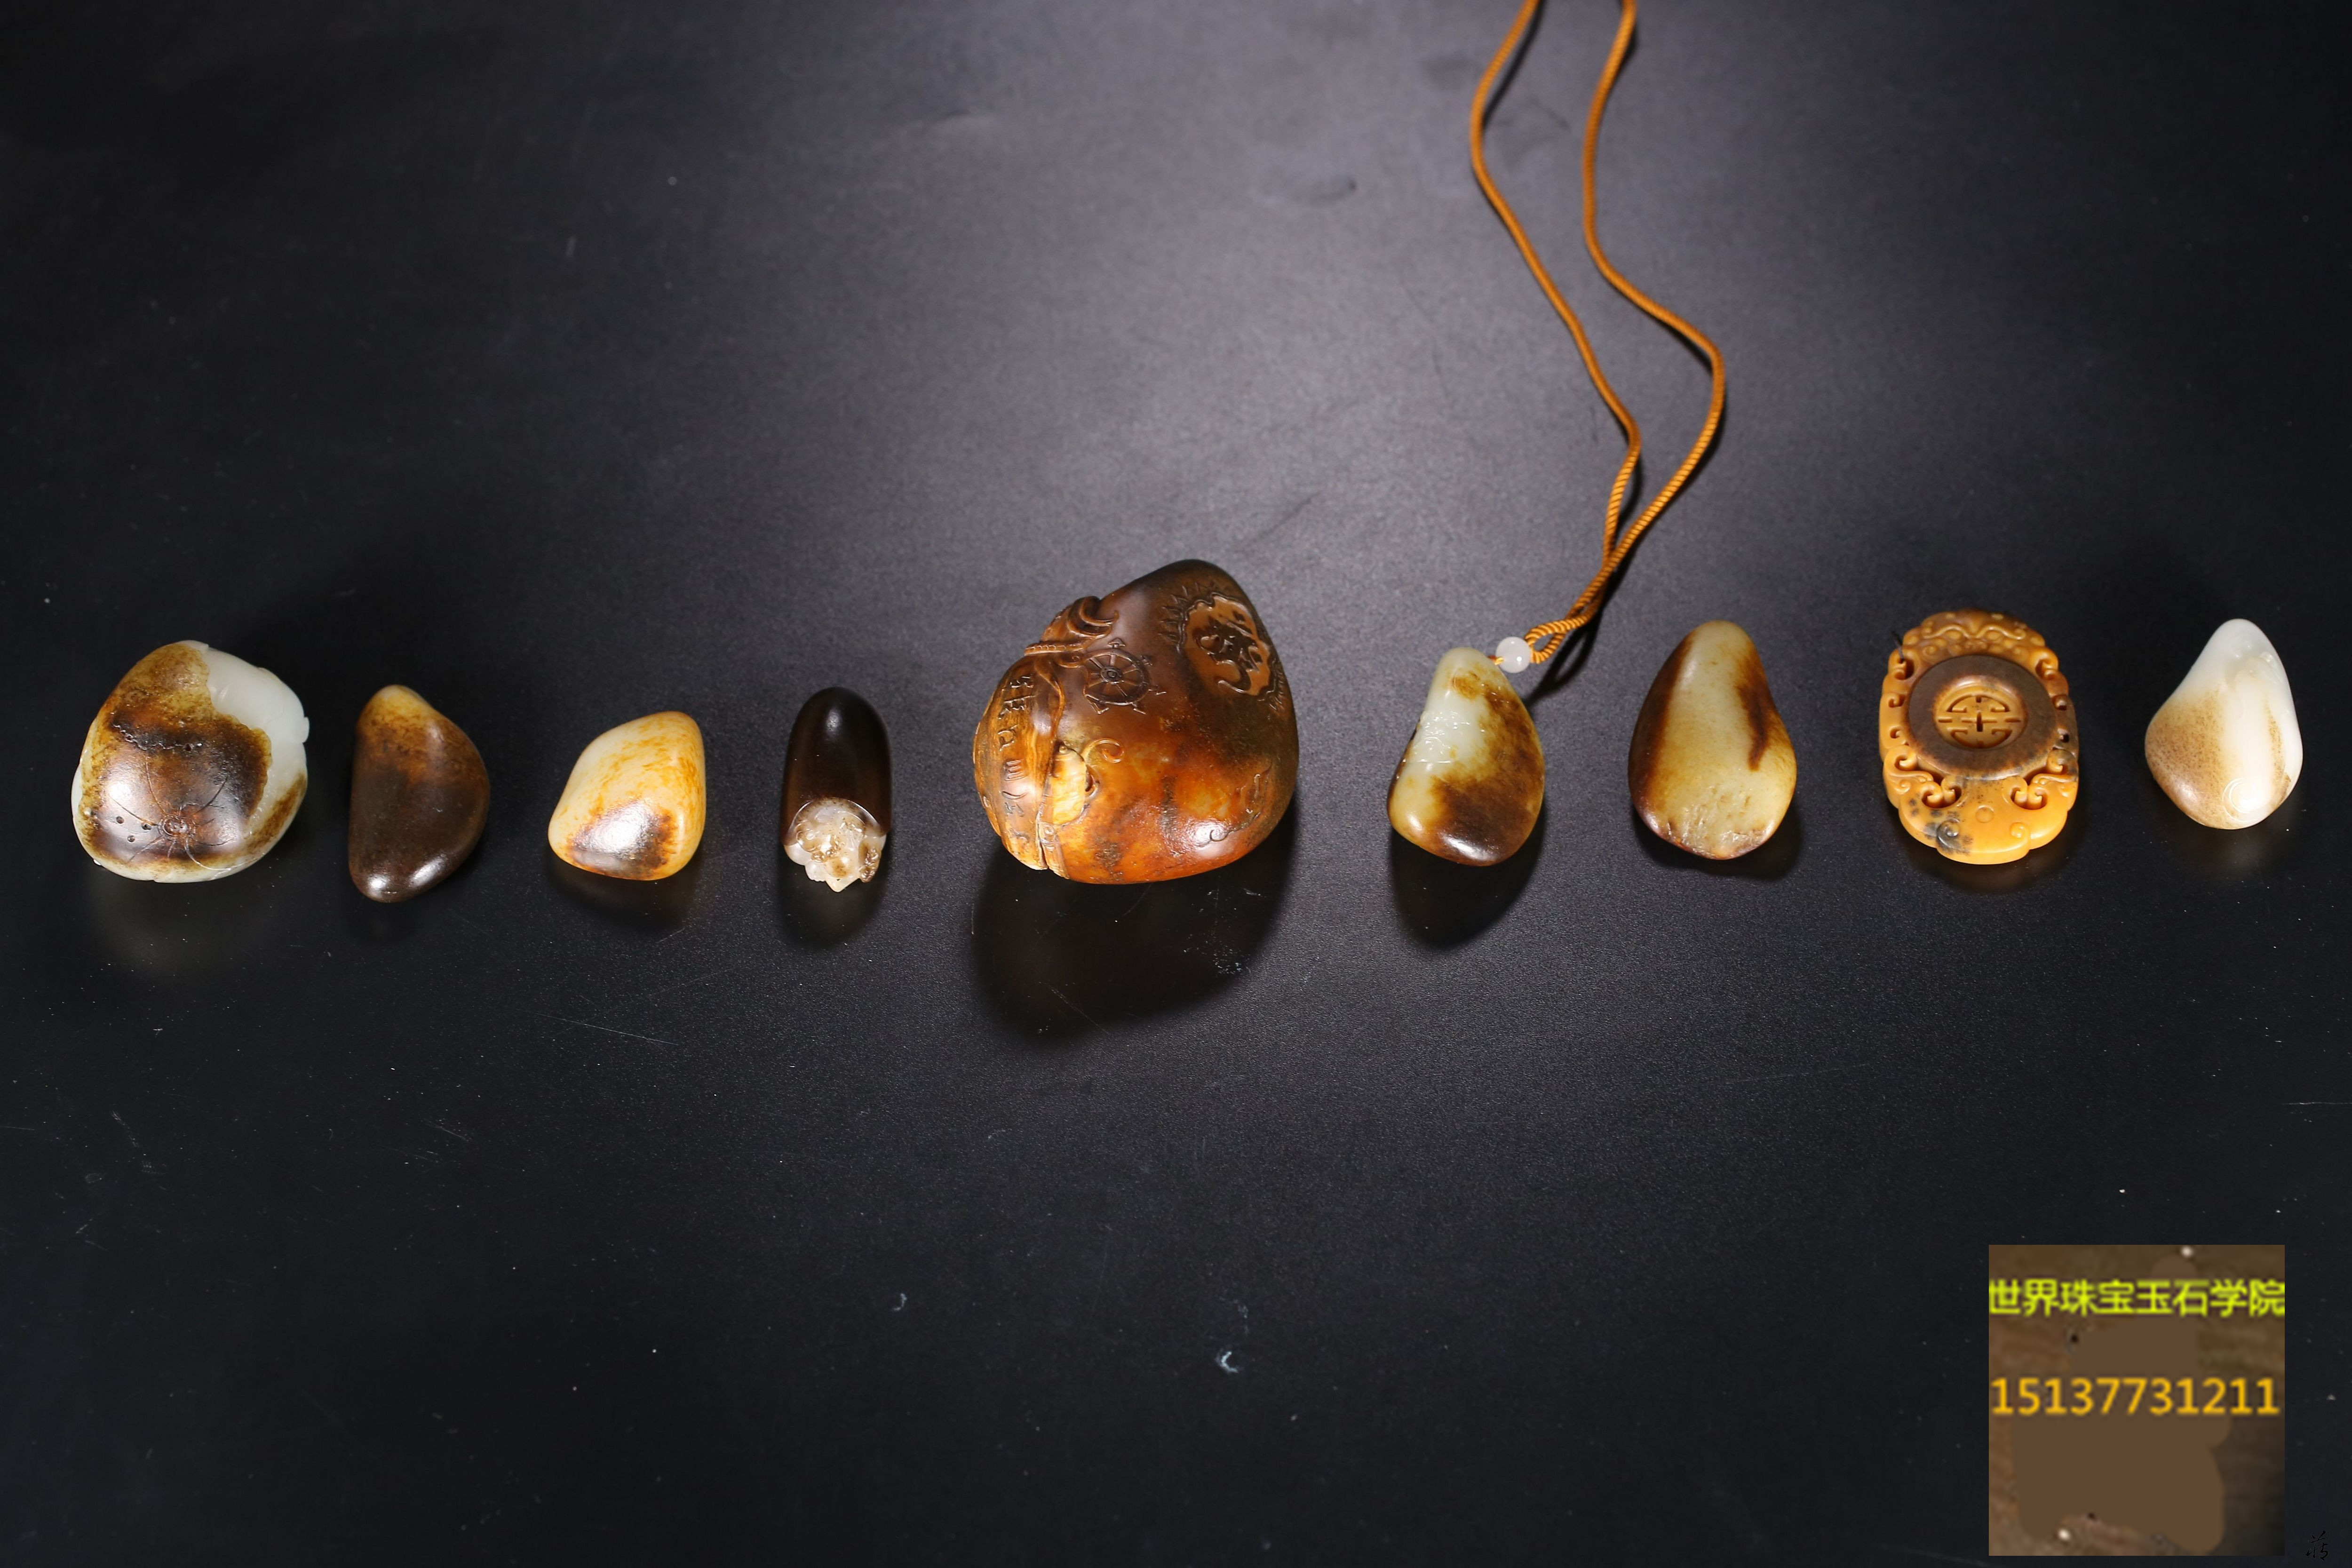 万年老籽千种黑——百态黑皮-玉器鉴定师培训核心内容